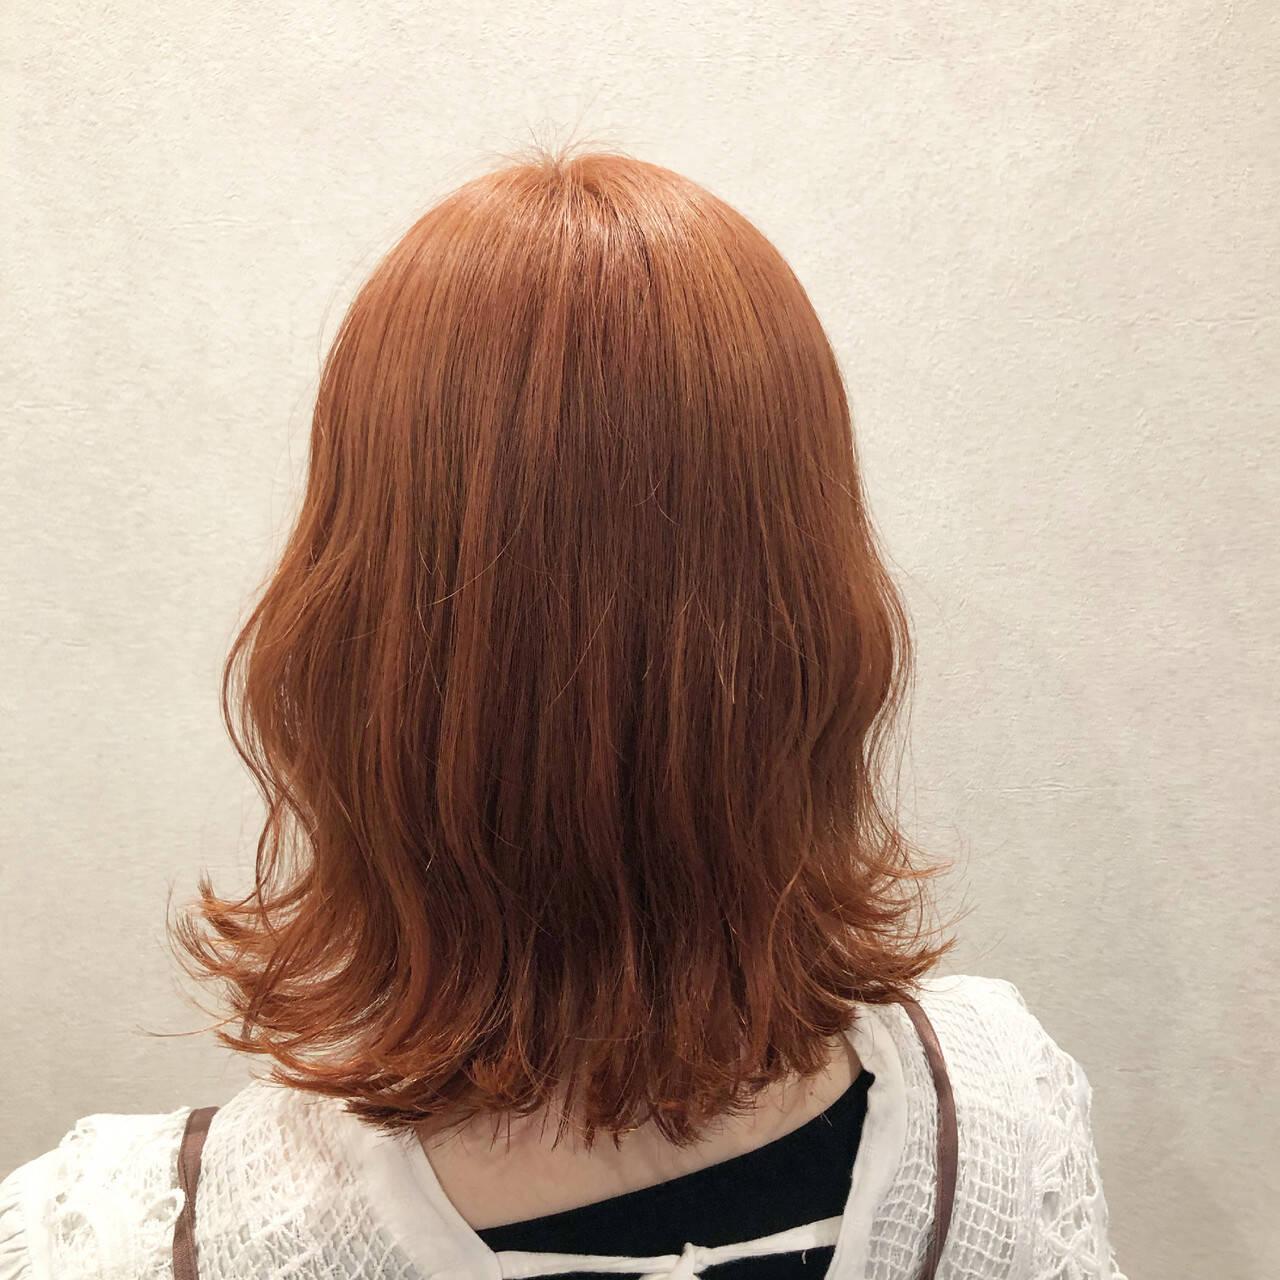 ナチュラル 波巻き ミディアム オレンジベージュヘアスタイルや髪型の写真・画像